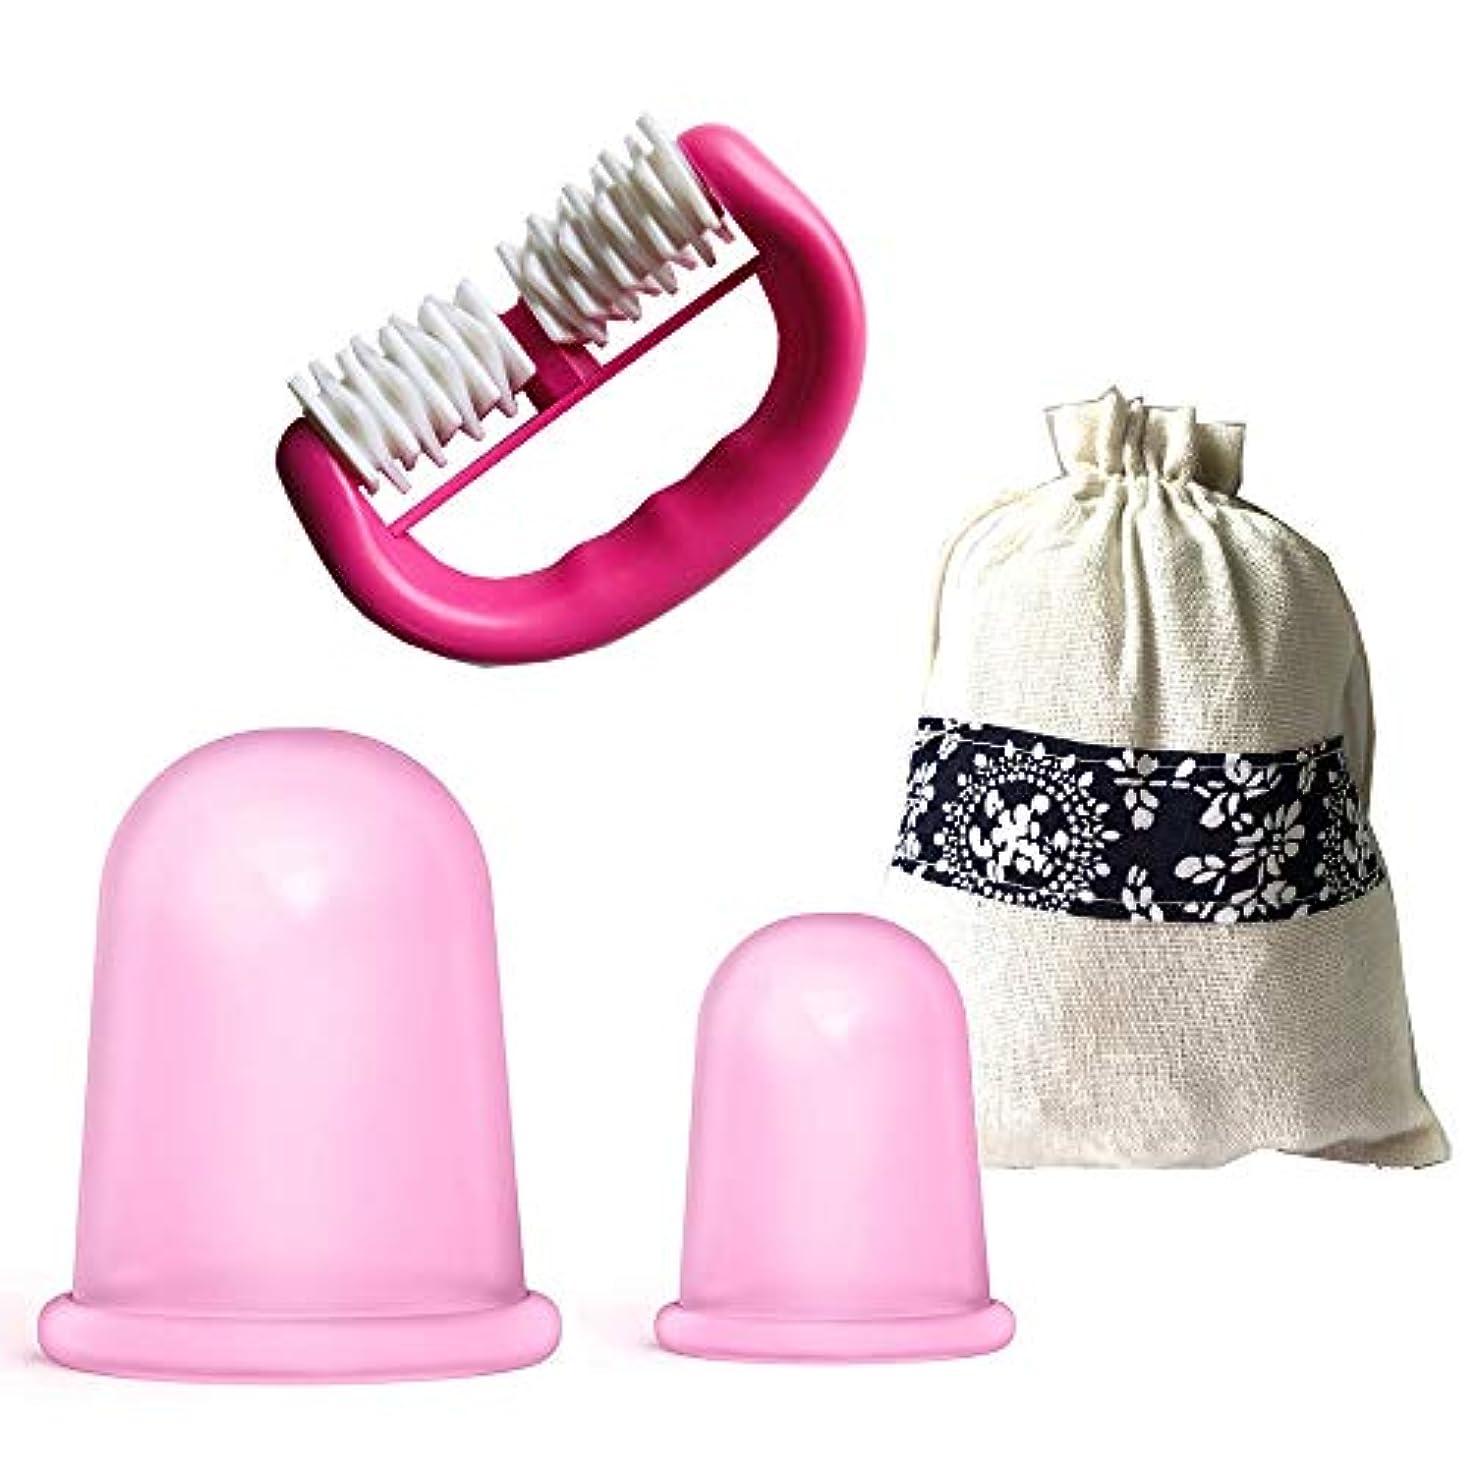 ふつう値下げフリルセルライトカッピングセラピーセットシリコンカッピングマッサージカップモイスチャーガシャ+ローラーマッサージャー付きギフトバッグ,Pink